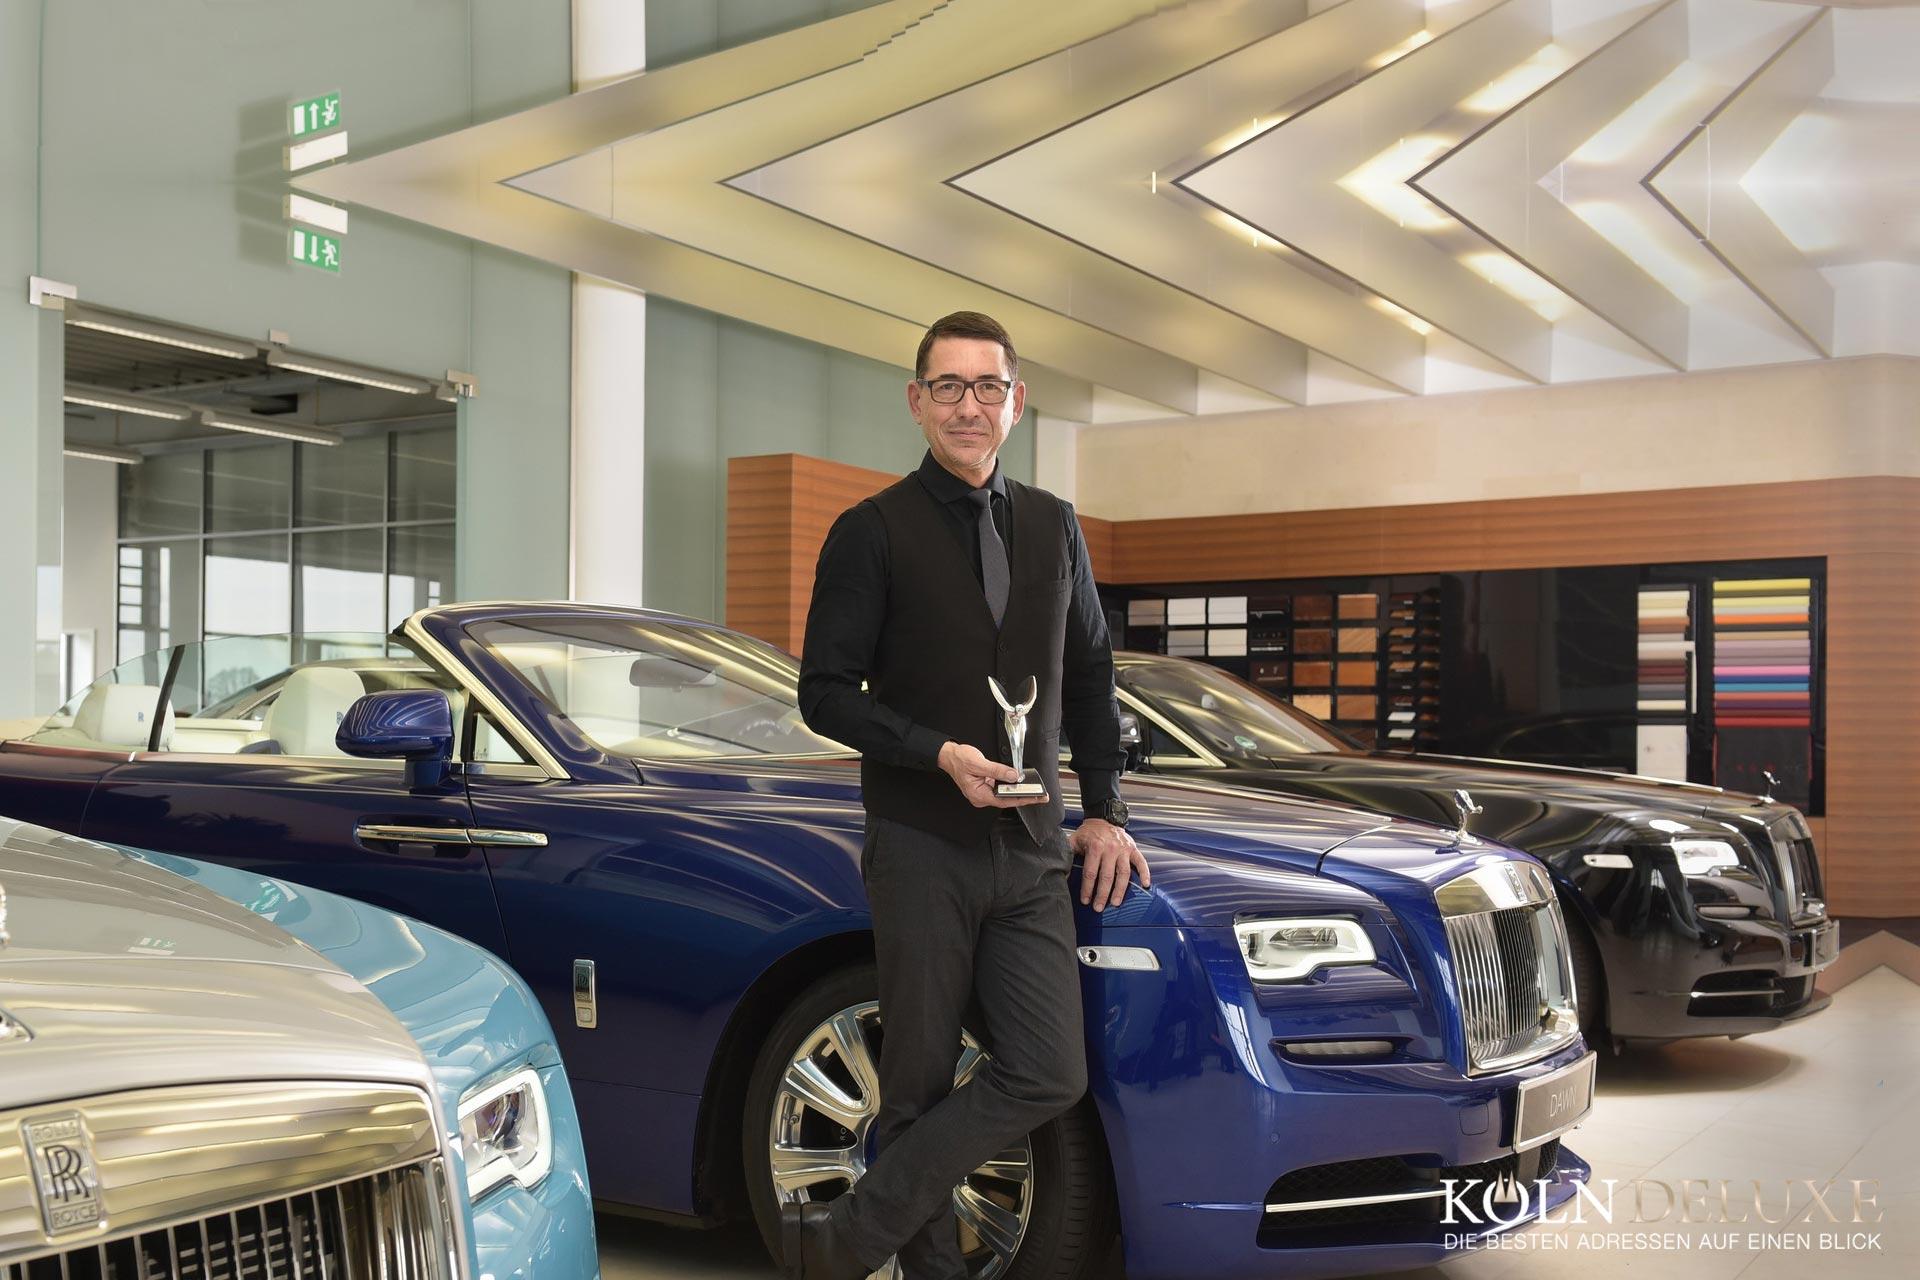 MICHAEL GLEISSNER UND ROLLS-ROYCE MOTOR CARS COLOGNE WEITER AUF ERFOLGSKURS IN KÖLN